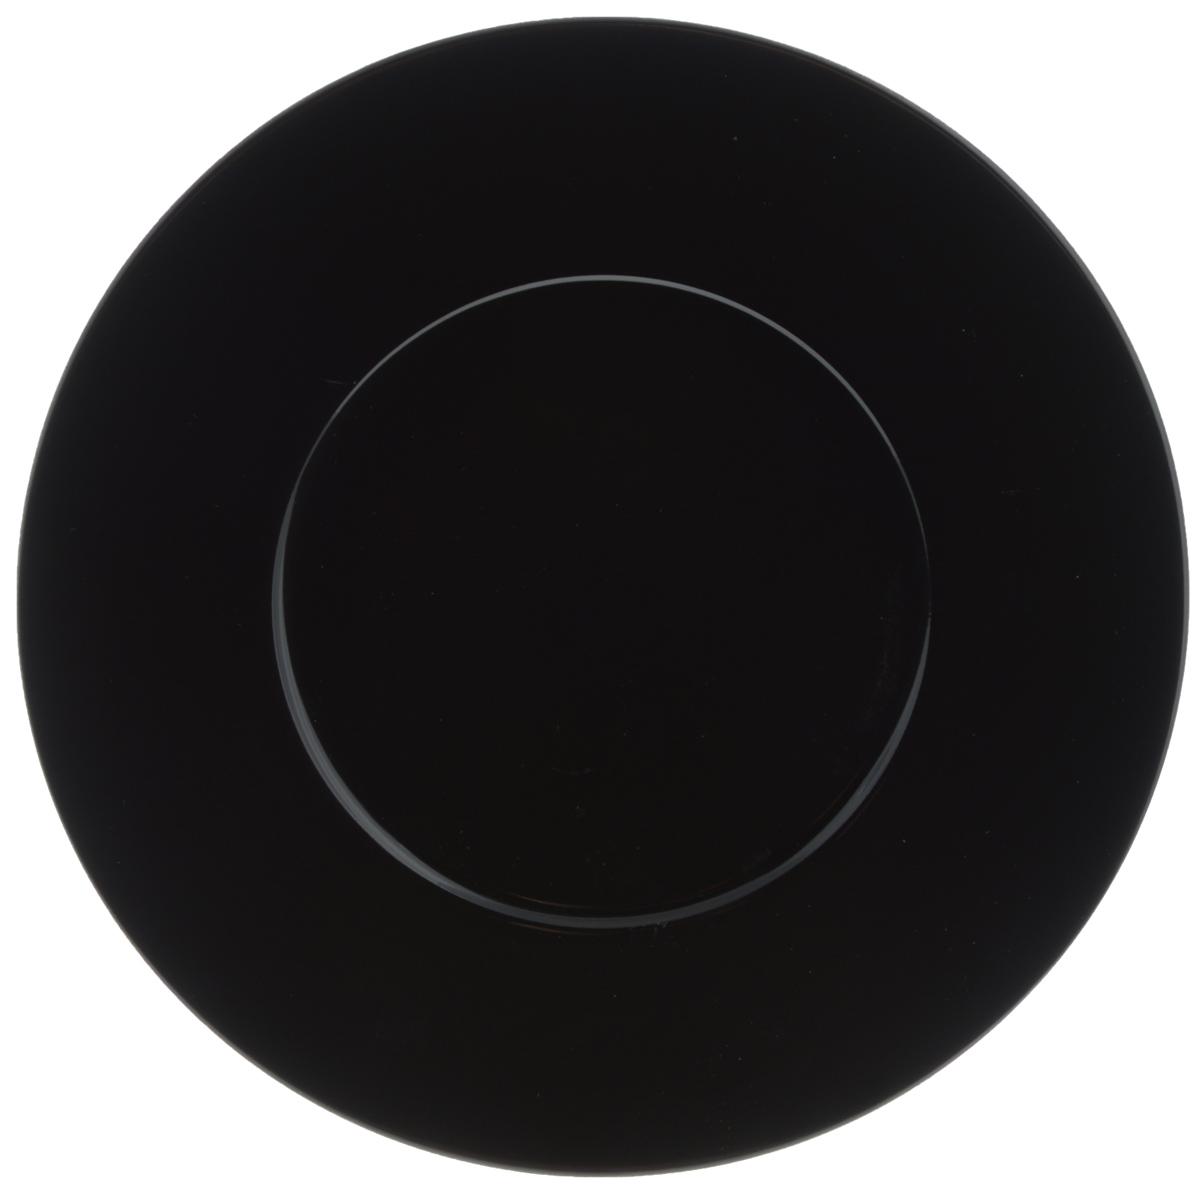 Тарелка обеденная Yves De La Rosiere Putoisage, цвет: черный, диаметр 27 см830127 3063Обеденная тарелка Yves De La Rosiere Putoisage, изготовленная из высококачественного фарфора,имеет изысканный внешний вид. Такой дизайн придется по вкусу и ценителям классики,и тем, кто предпочитает утонченность. Тарелка Yves De La Rosiere Putoisage идеально подойдет для сервировкистола и станет отличным подарком к любому празднику.